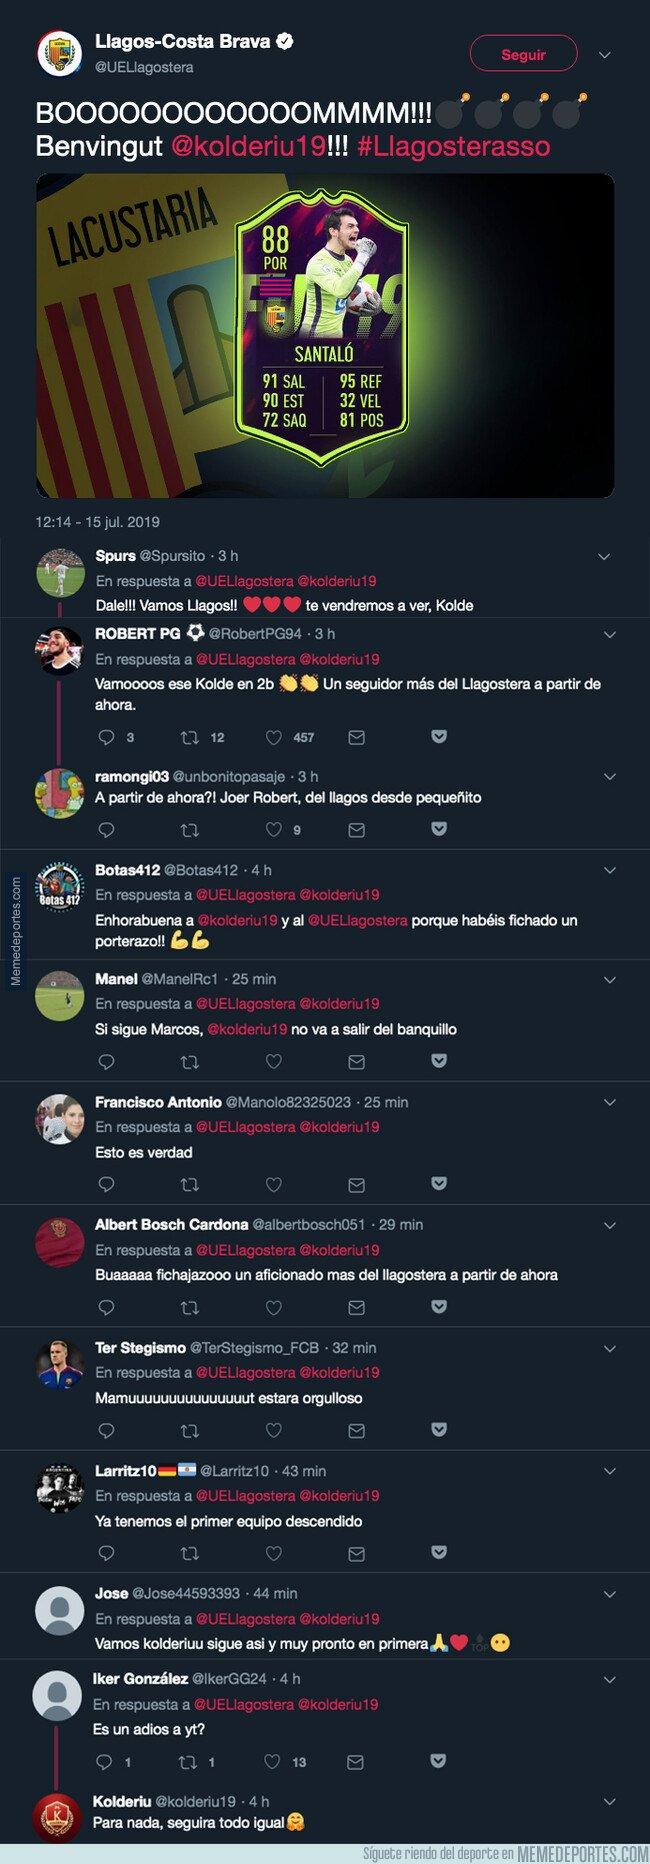 1081141 - El Llagostera sorprende a todo el mundo y ficha a este famoso 'youtuber' jugador de FIFA 19 como portero para su equipo en 2ªB